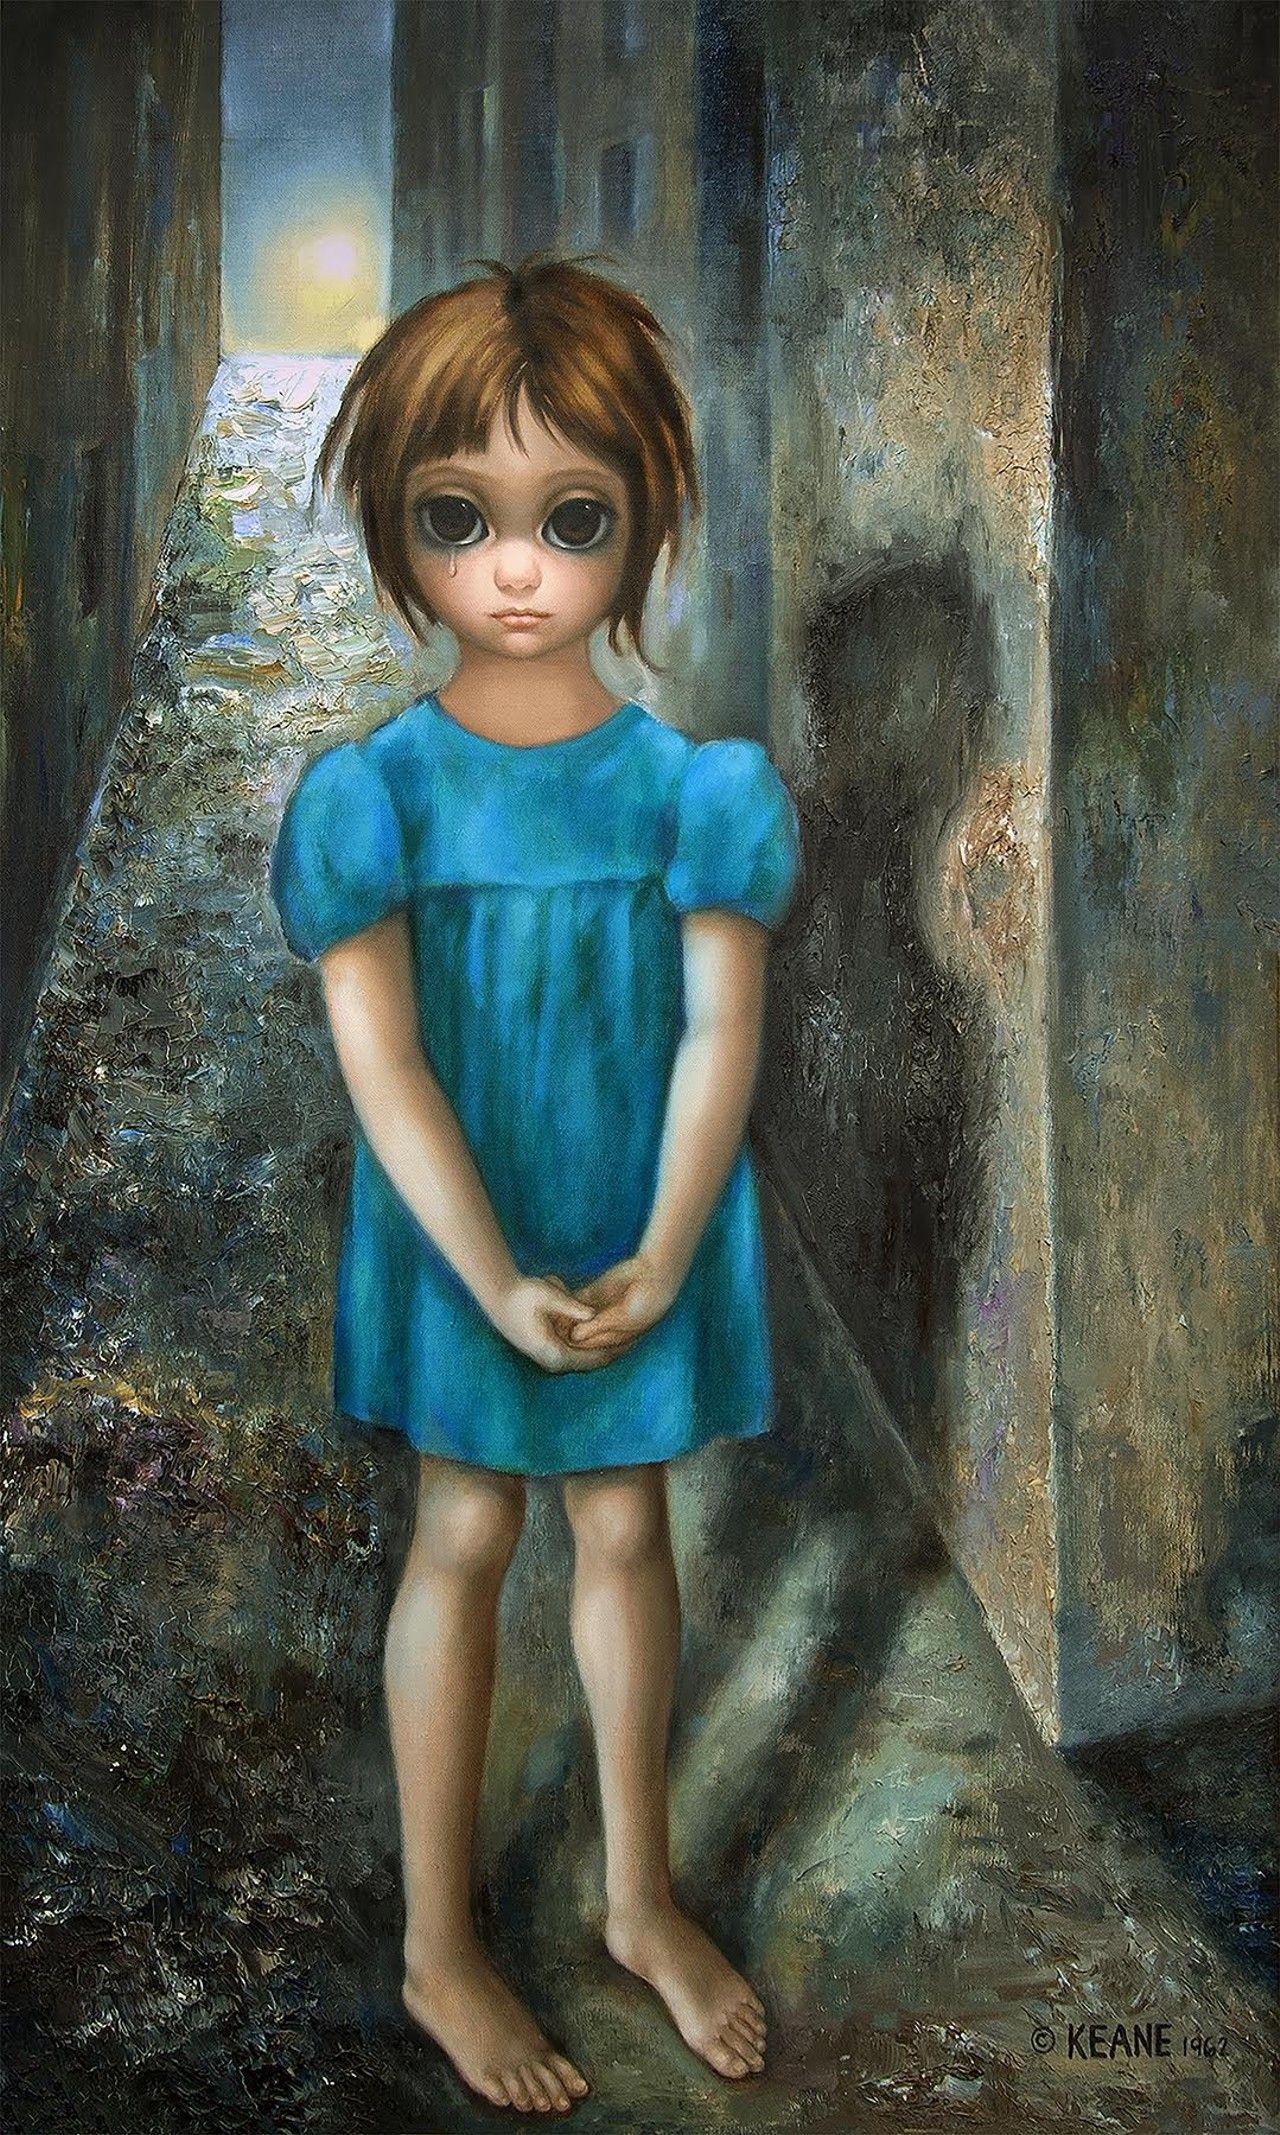 Paintings by Margaret Keane Big Eyes